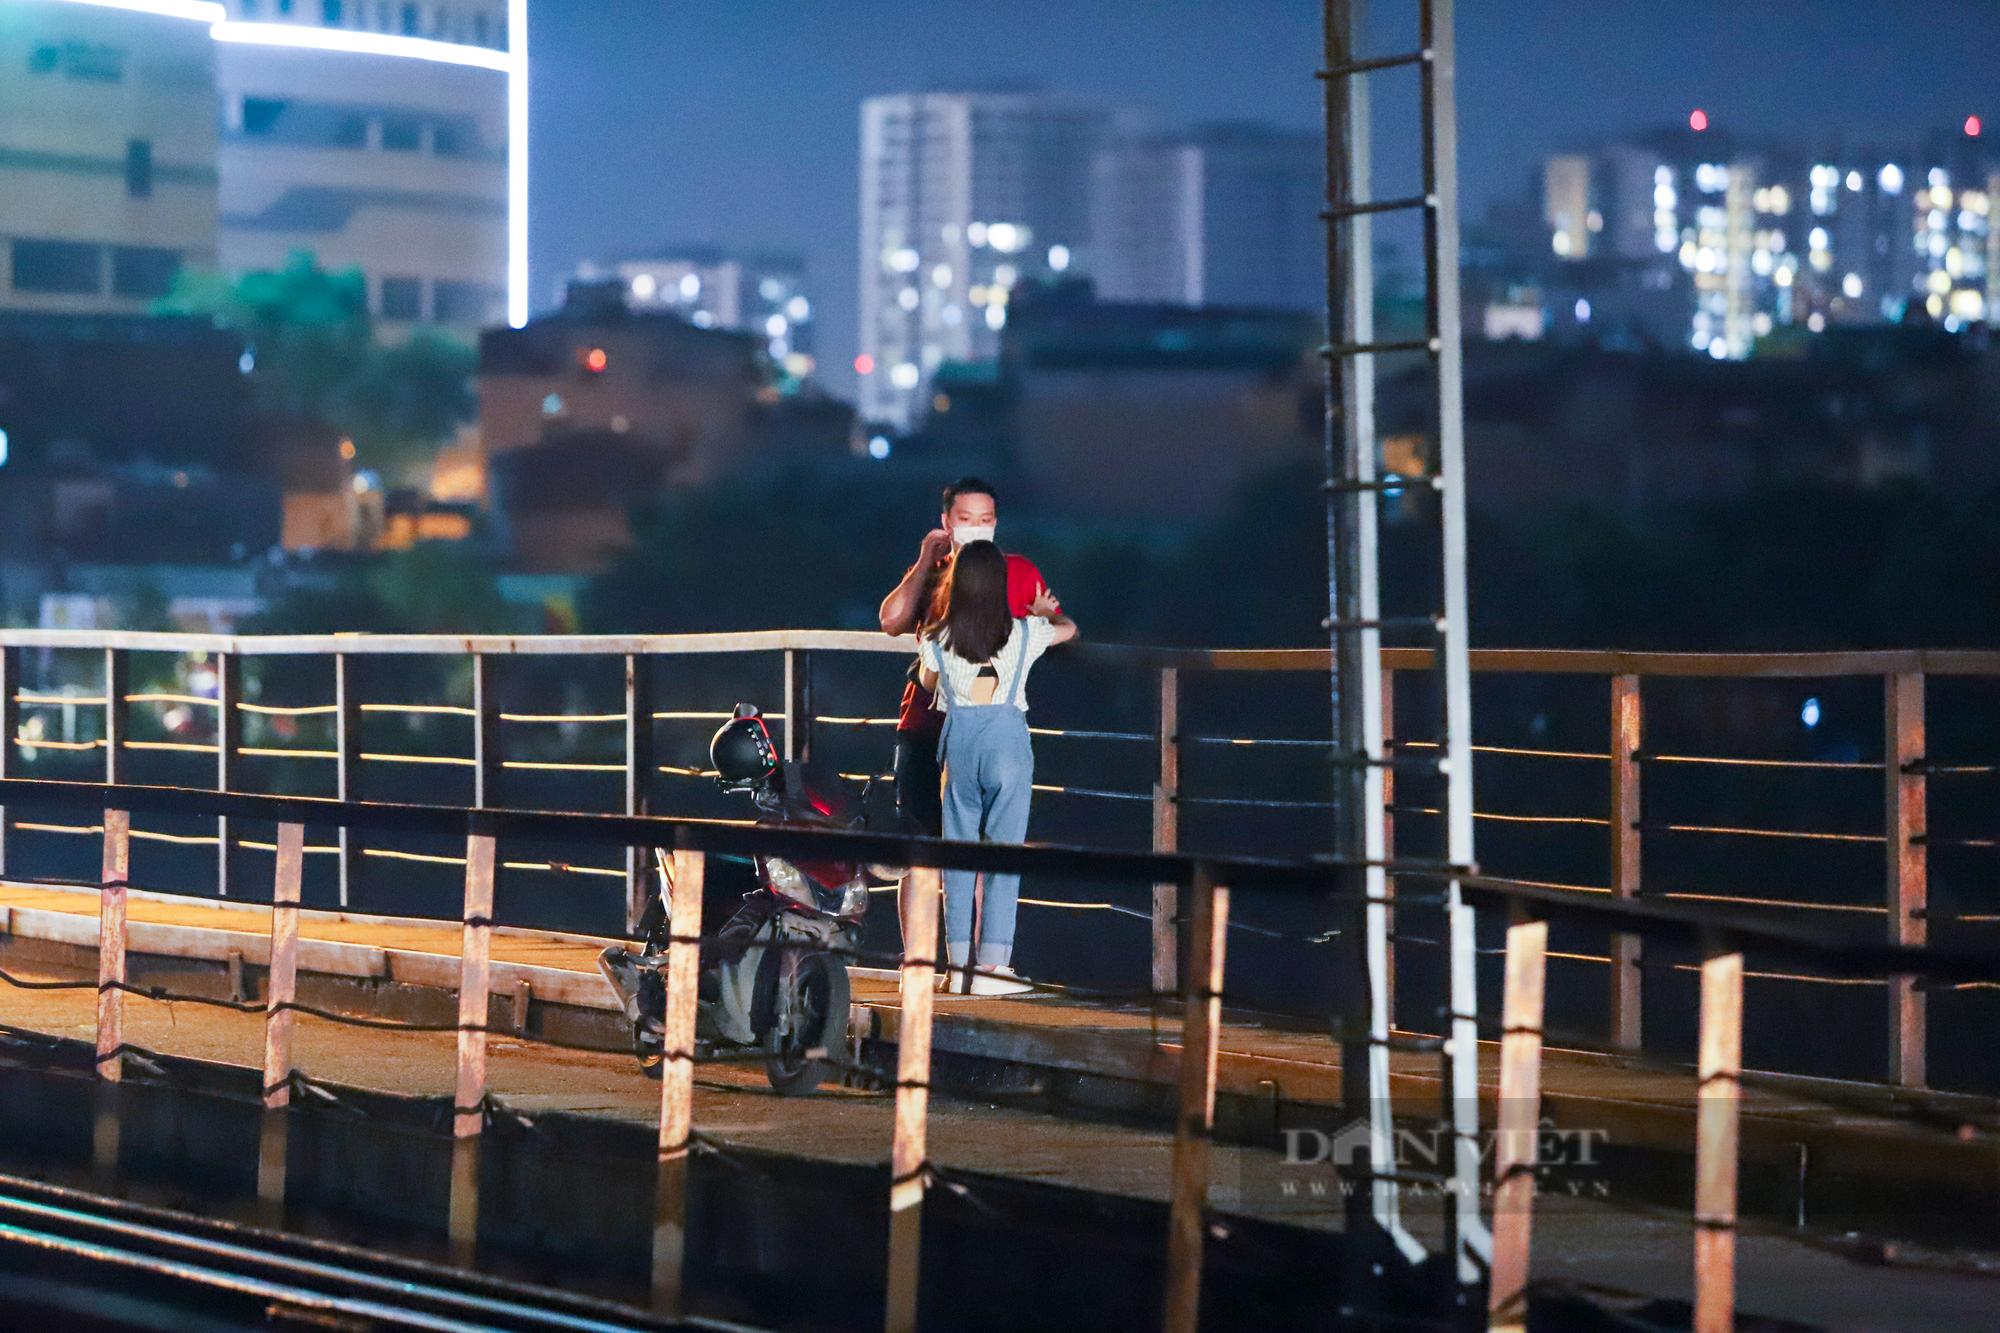 Cầu Long Biên đông đúc người hóng gió, bất chấp lệnh giãn cách xã hội - Ảnh 2.